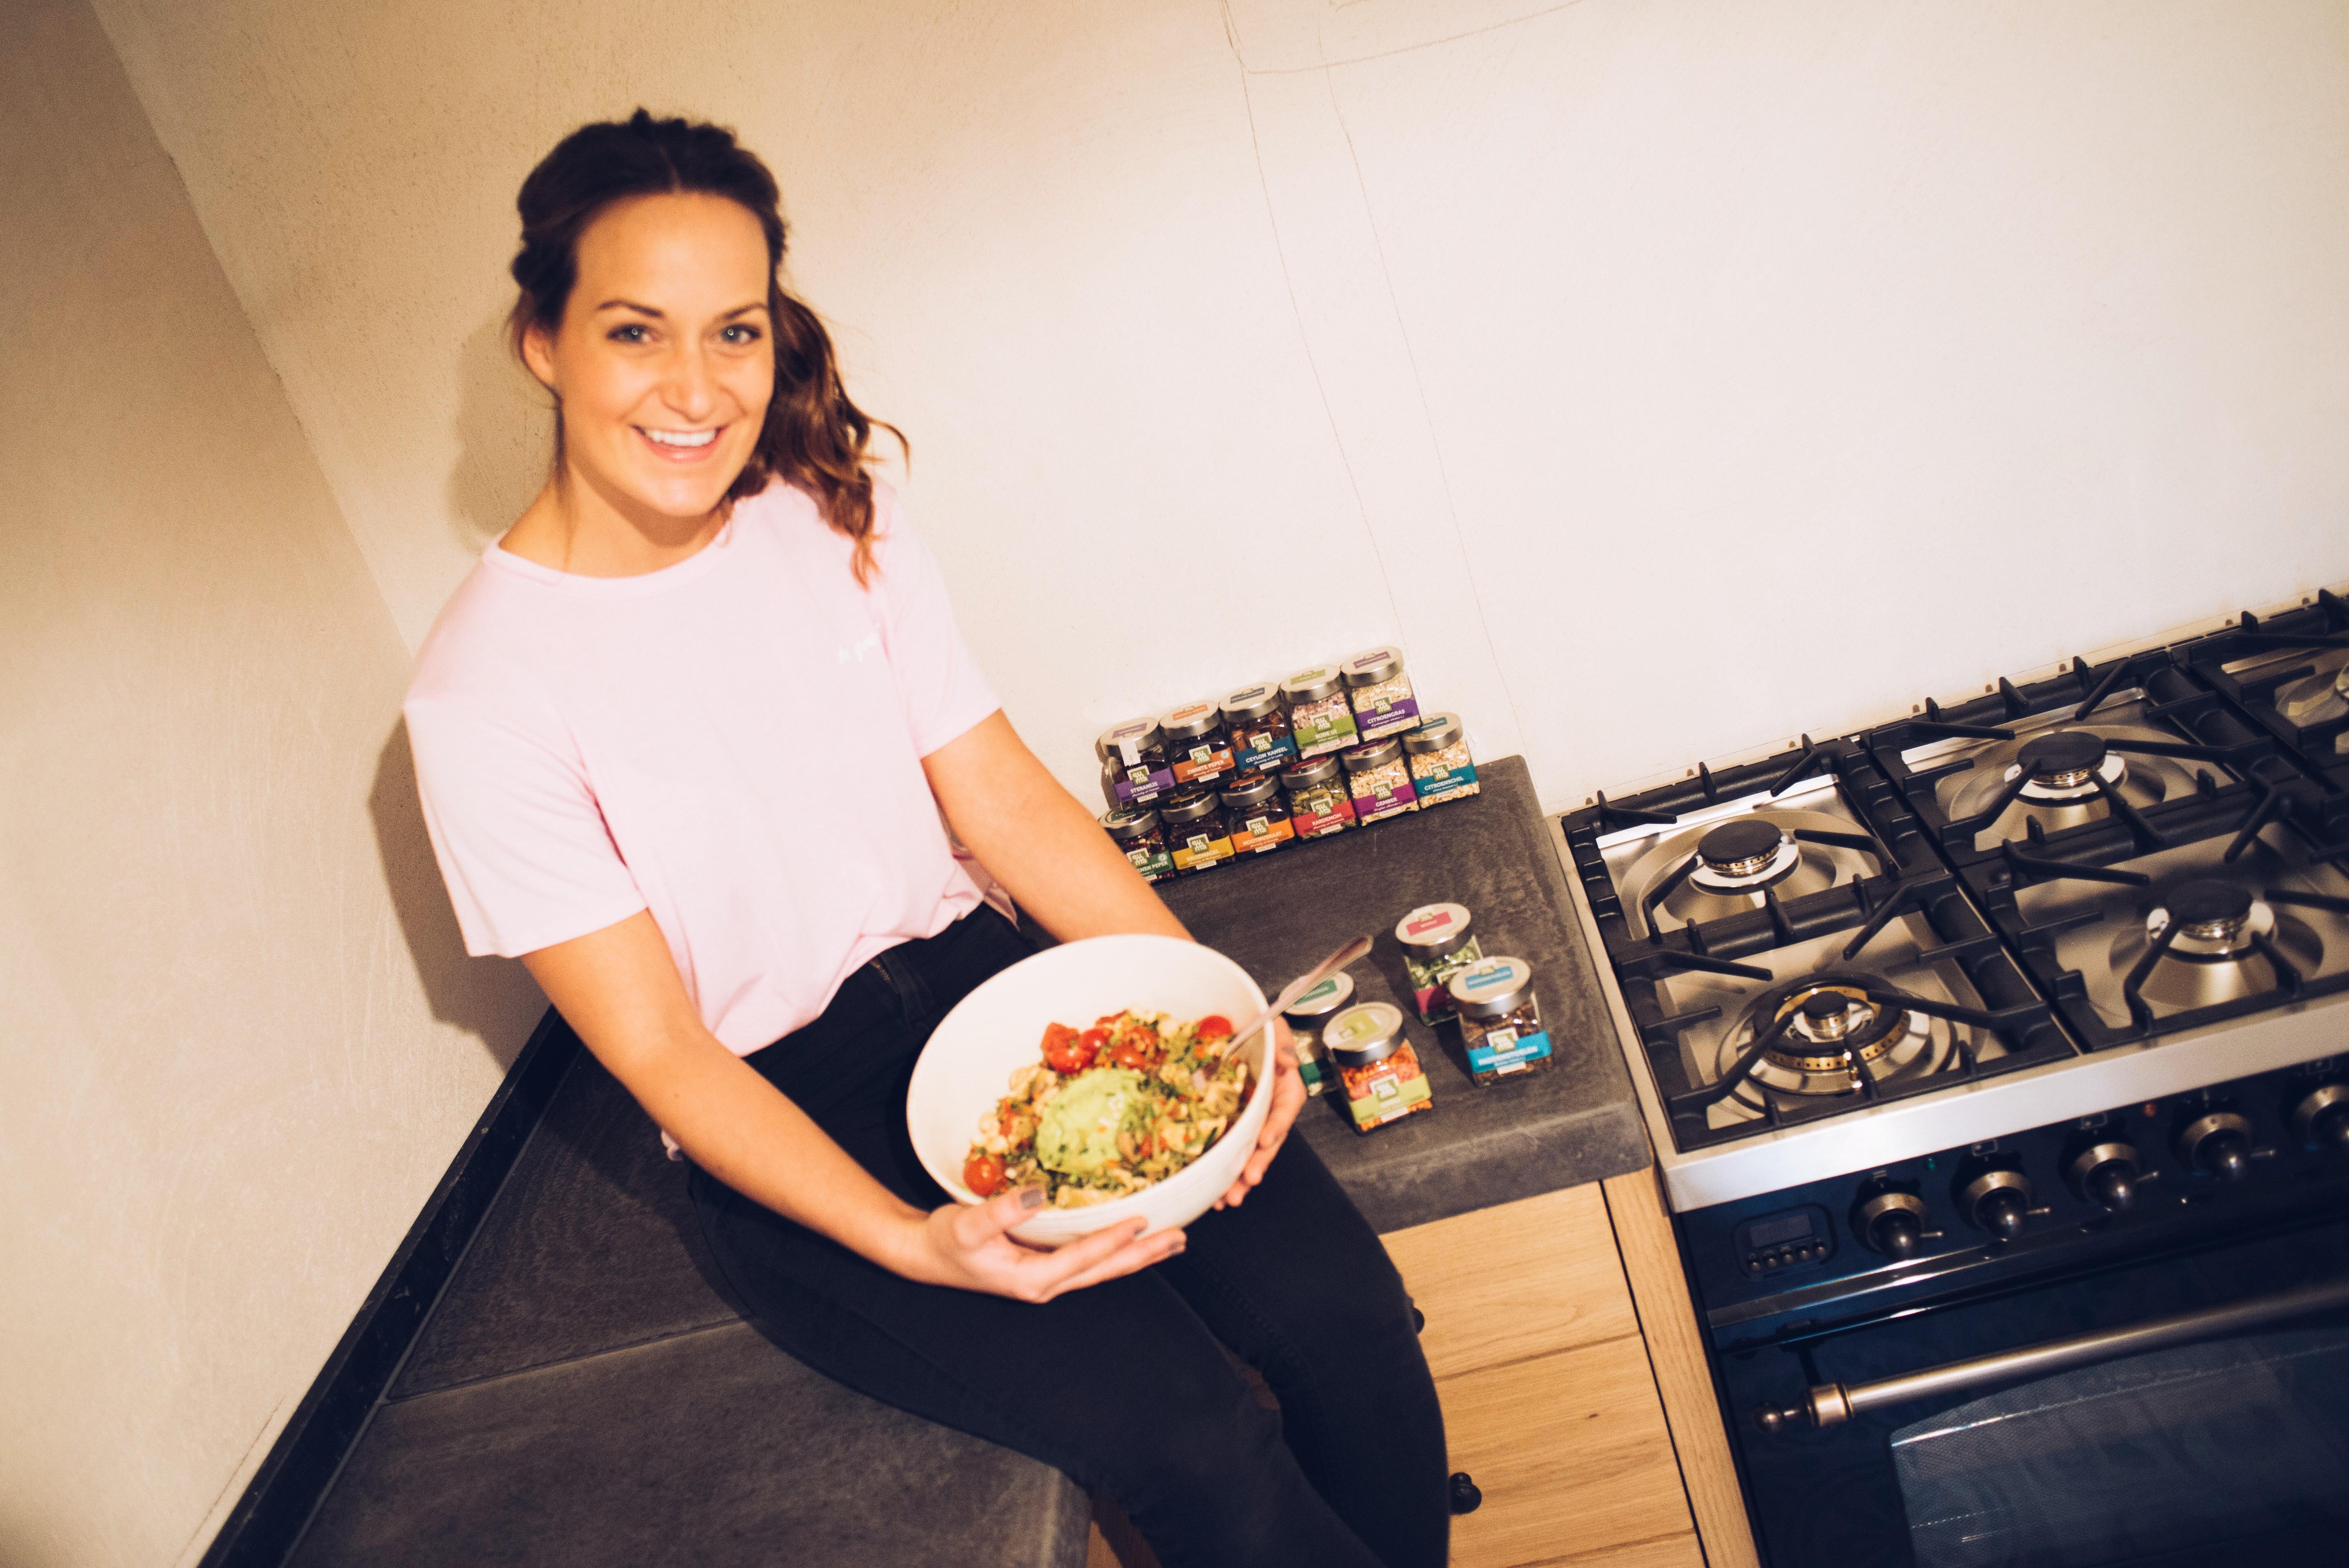 Euroma, blijfontdekken, kruiden, specerijen, food, eten, foodie, foodporn, blog, blogger, foodblogger, gezond, health, healthy